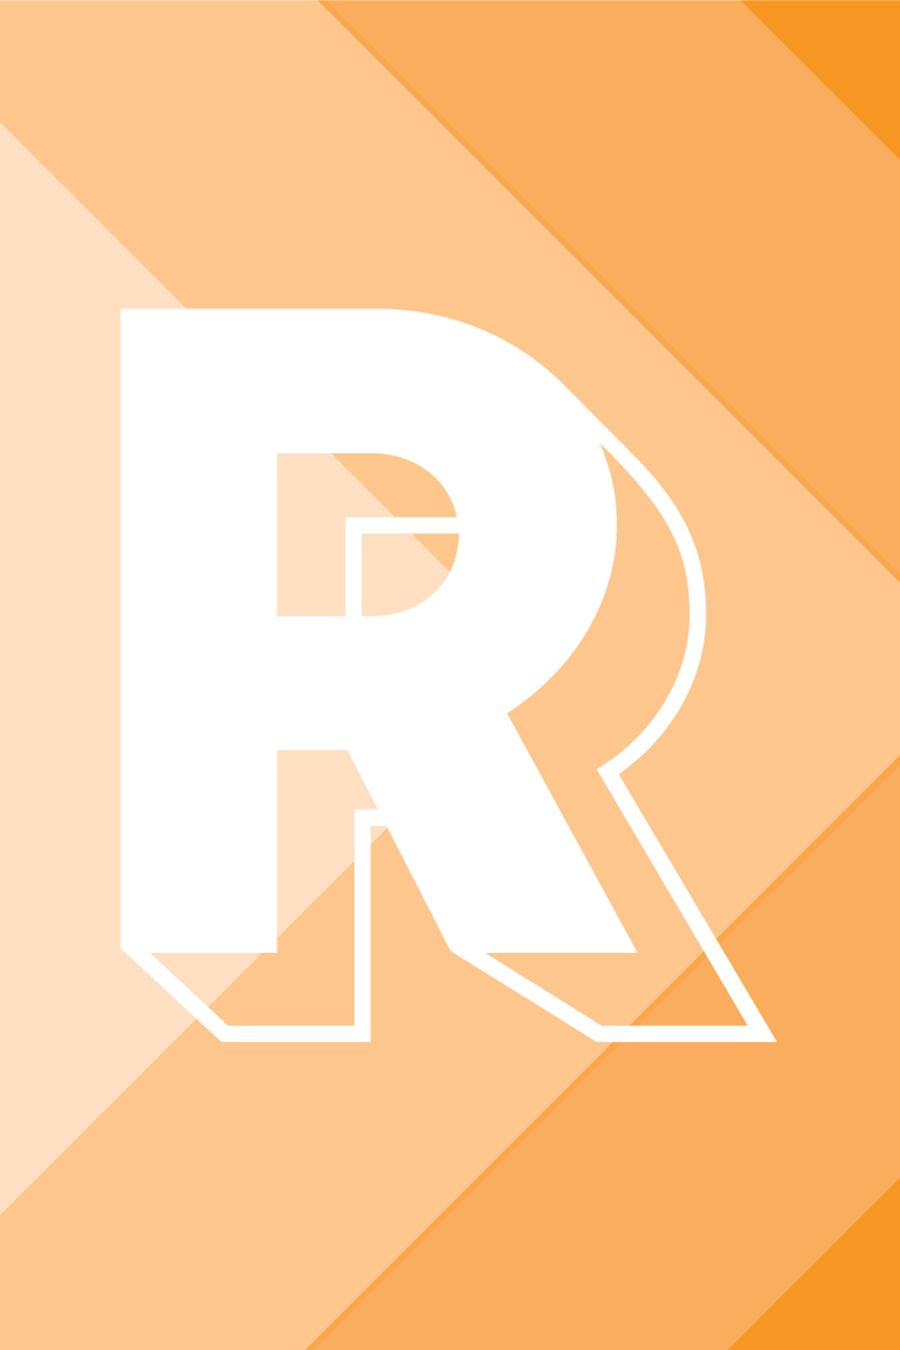 The RADIATE method logo